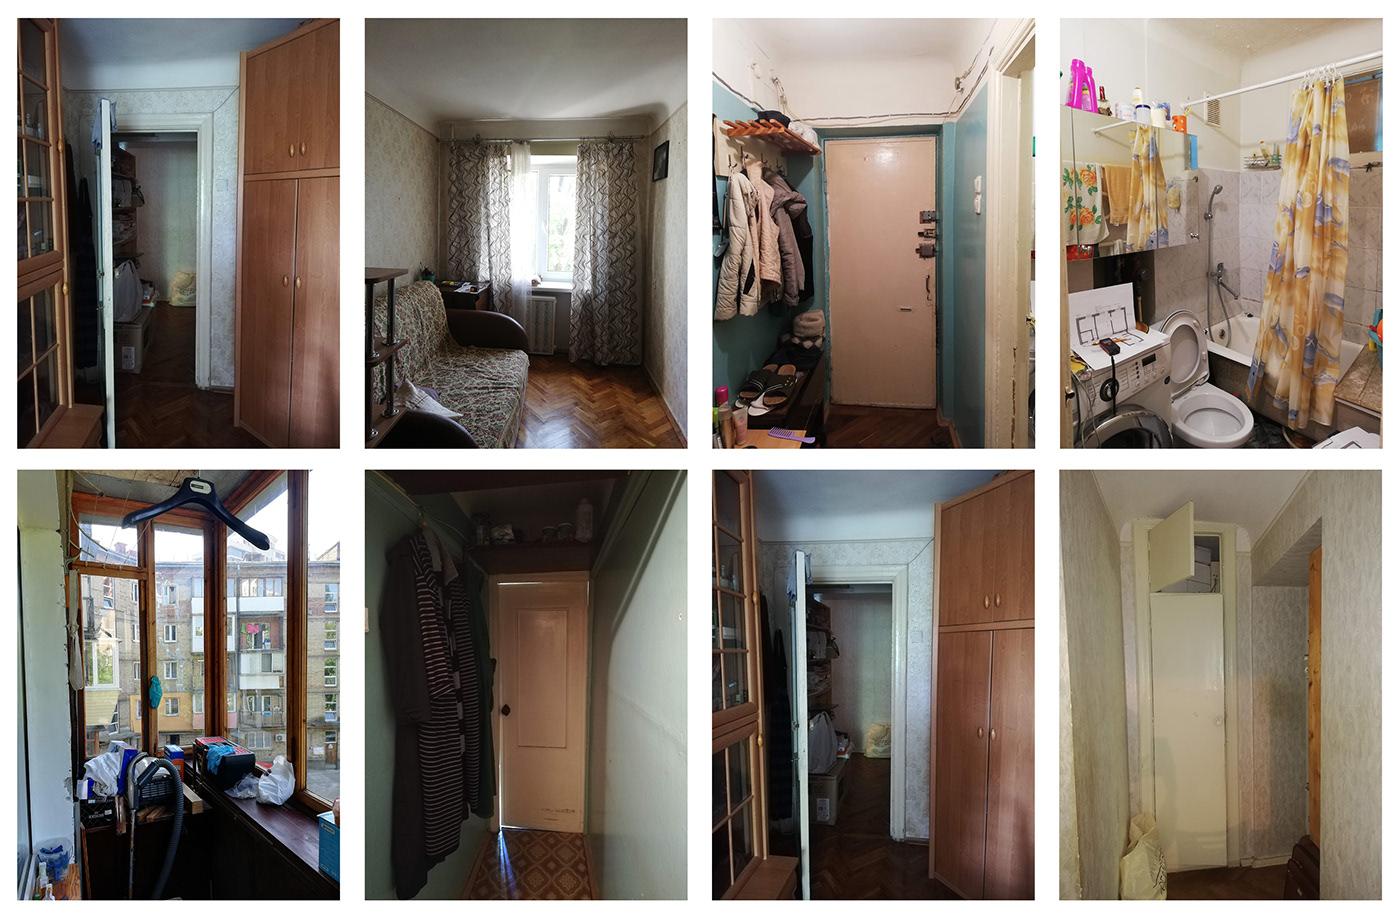 Image may contain: door, mirror and bathroom